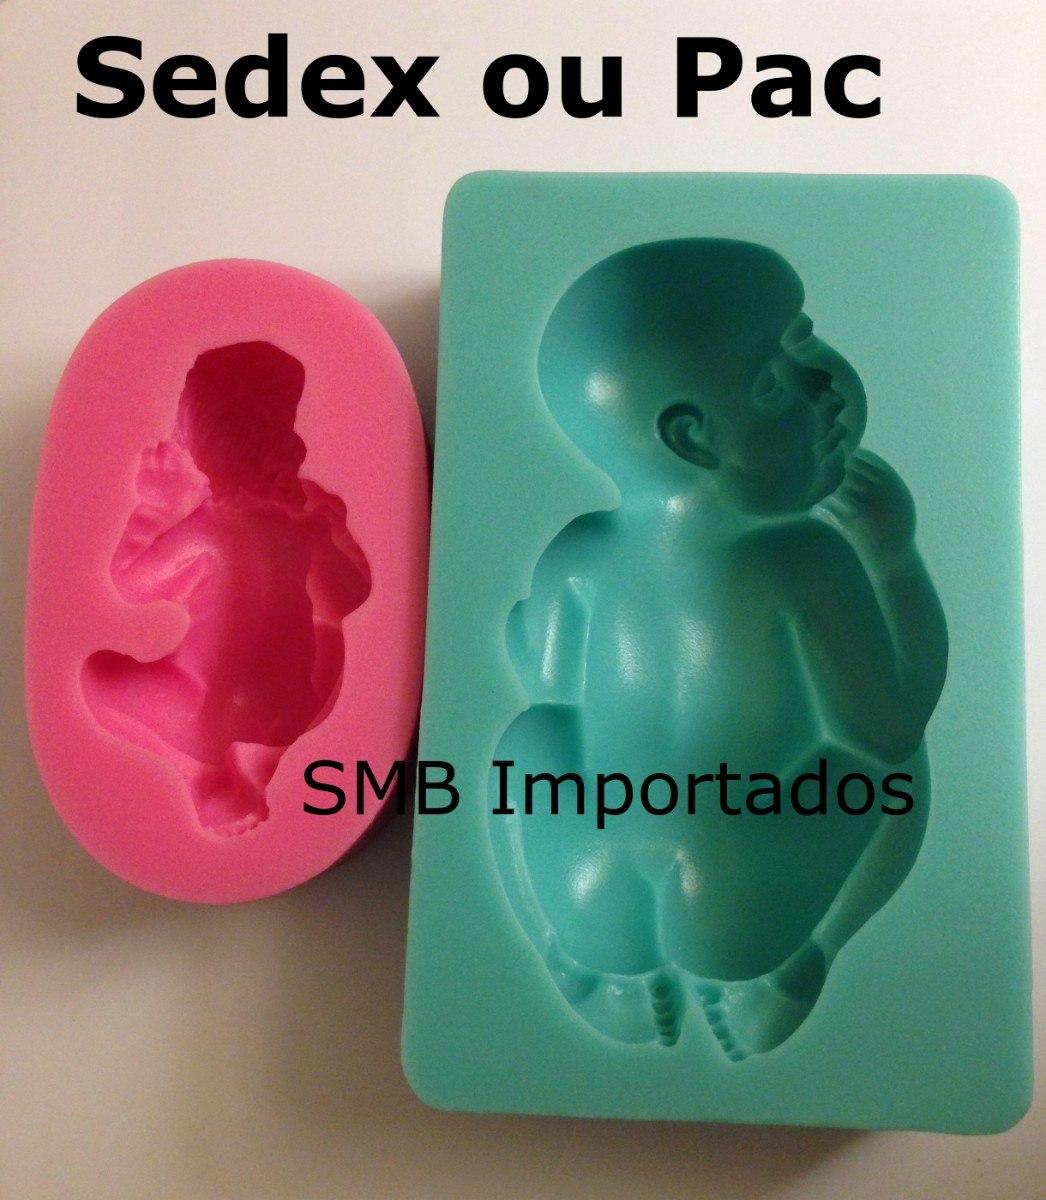 a54a6bca4 2 moldes de silicone bebê baby biscuit etc - 8cm e 11cm. Carregando zoom.